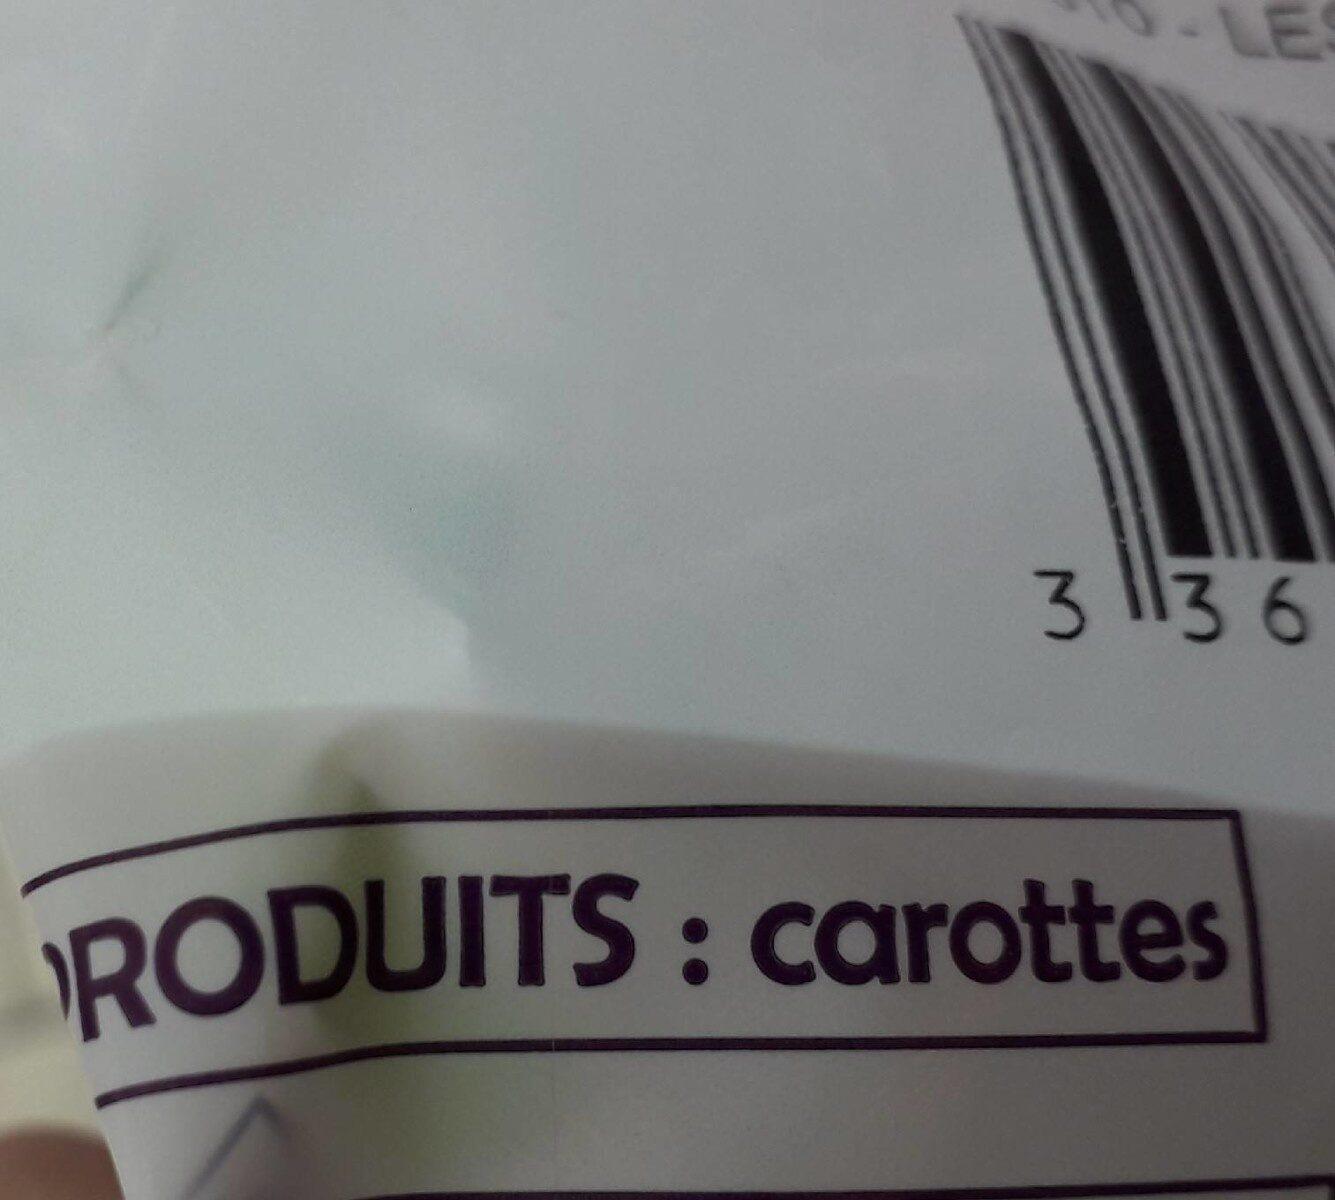 Carottes bio - Ingredients - fr